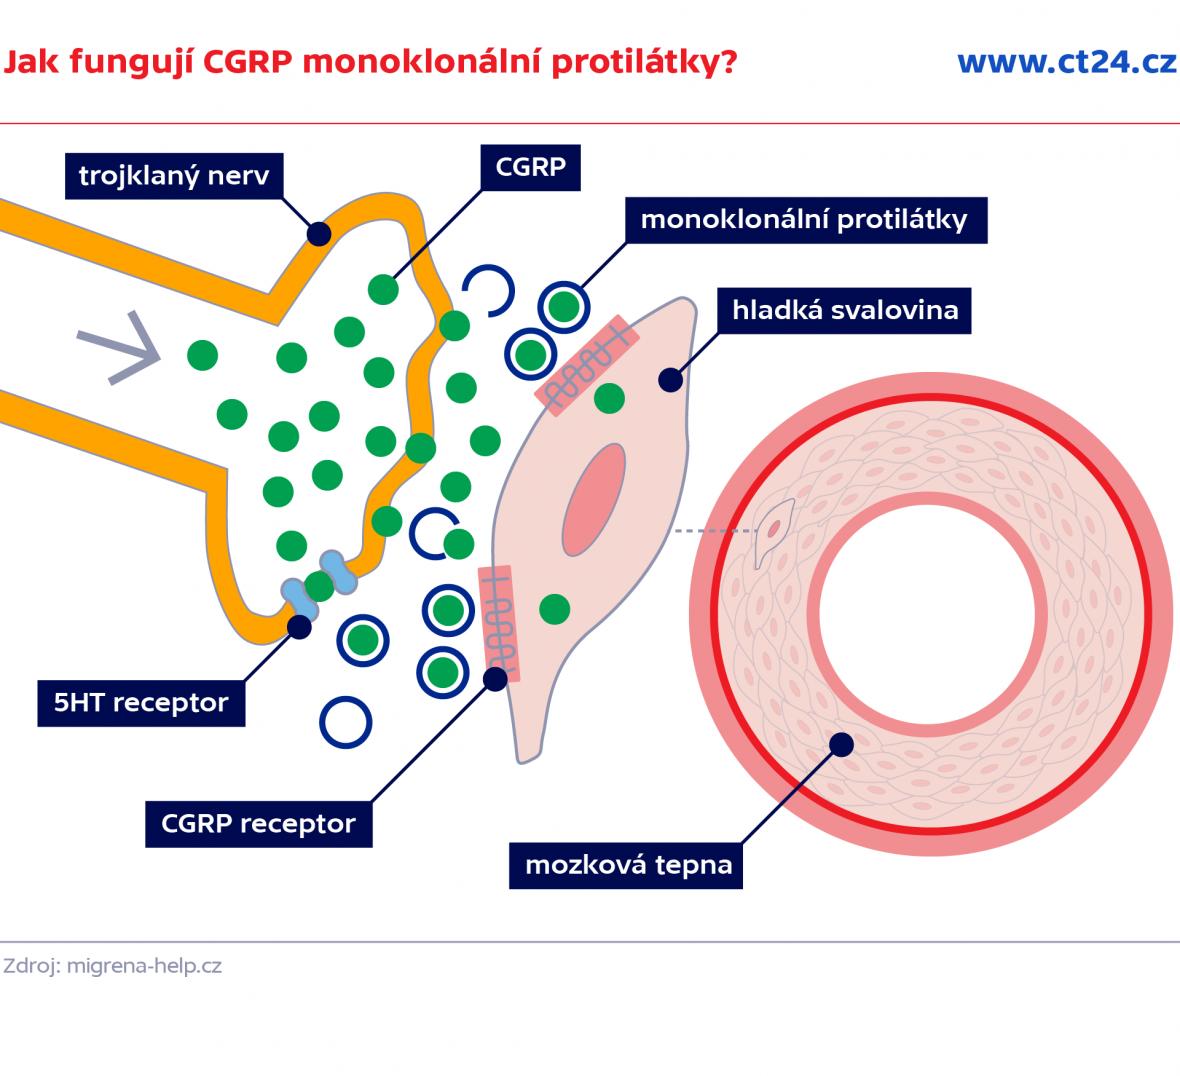 Jak fungují CGRP monoklonální protilátky?